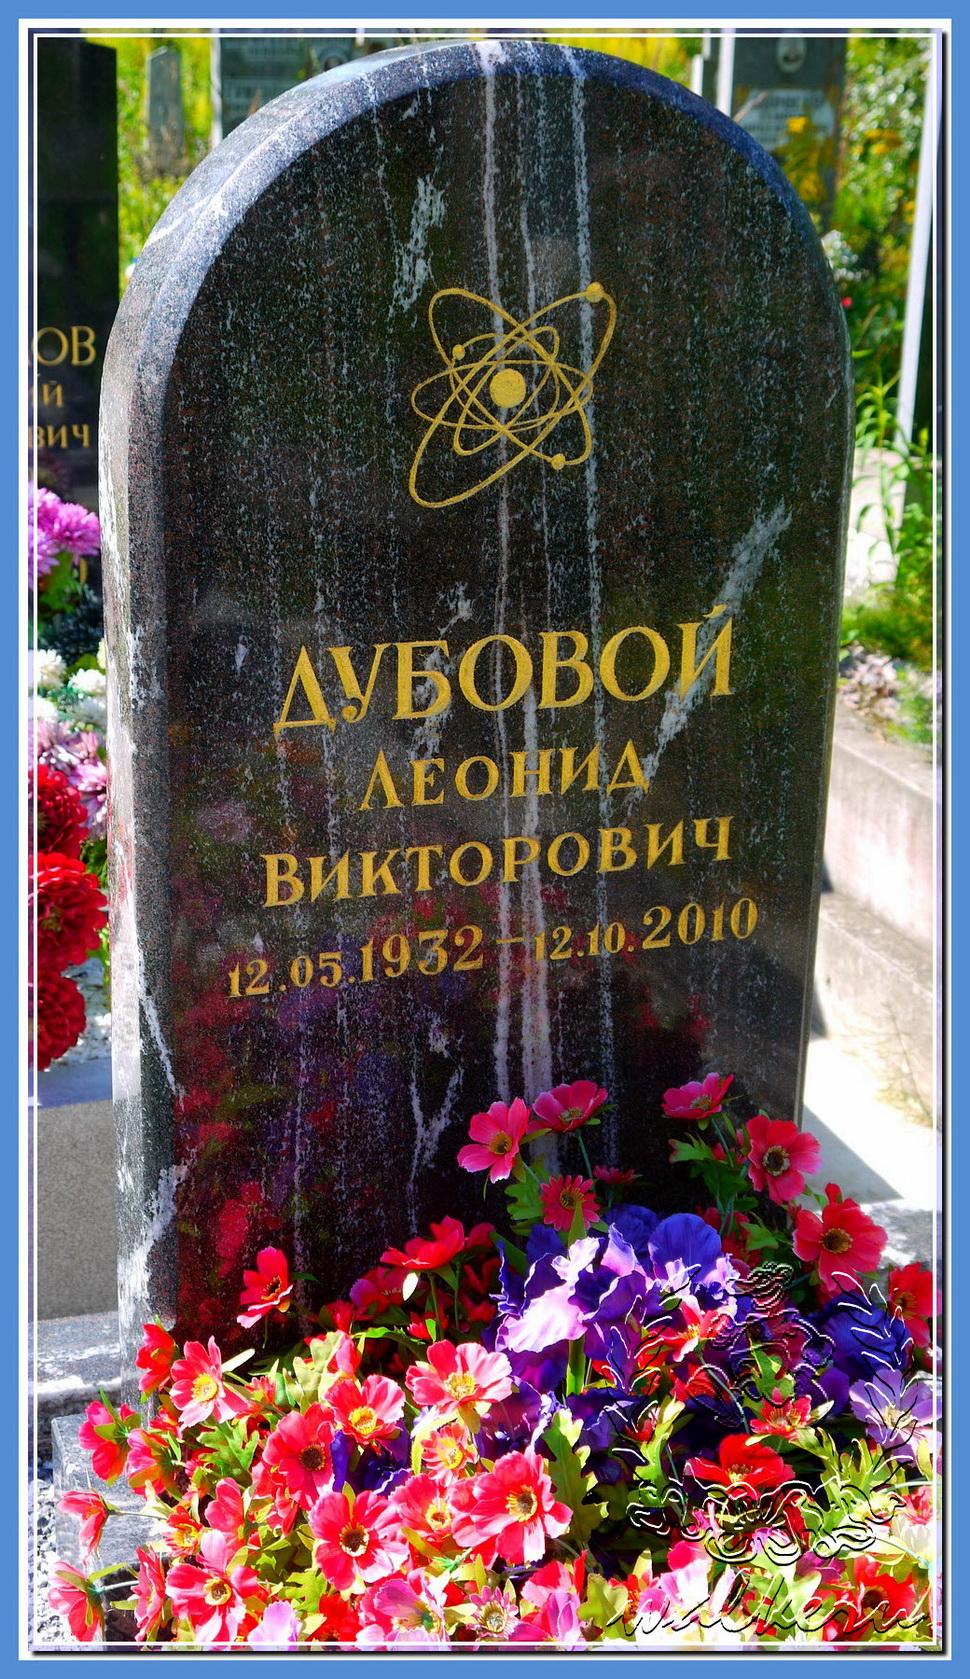 Дубовой Леонид Викторович